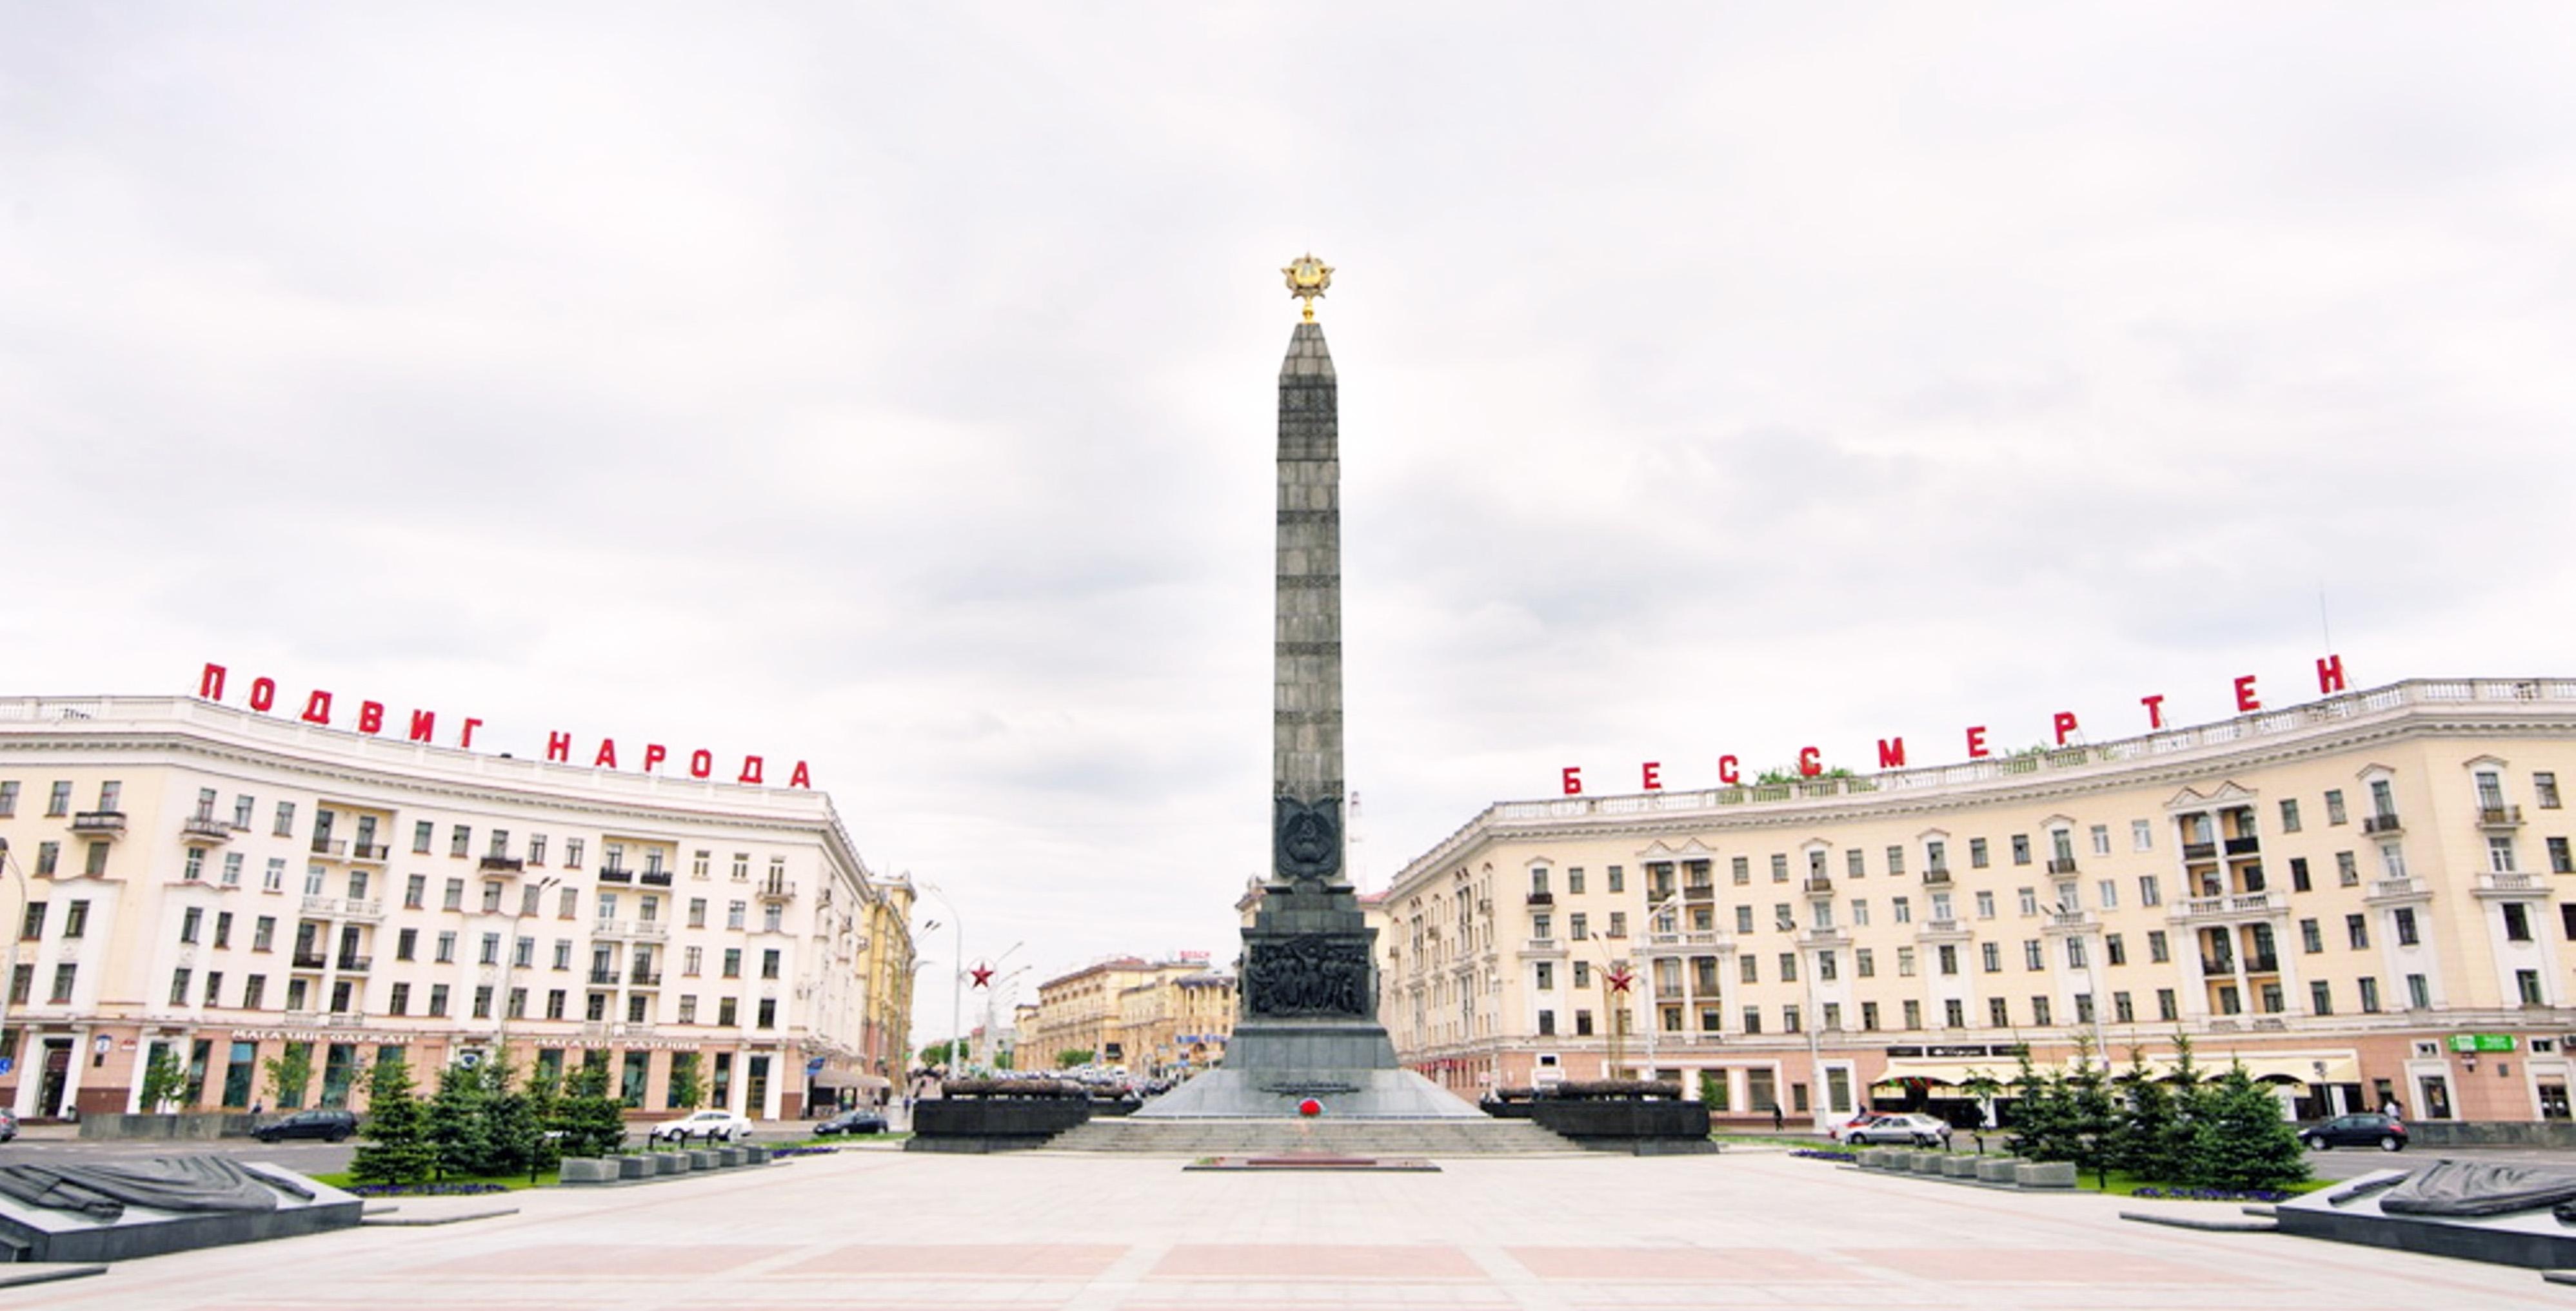 NEXT STOP: Minsk!